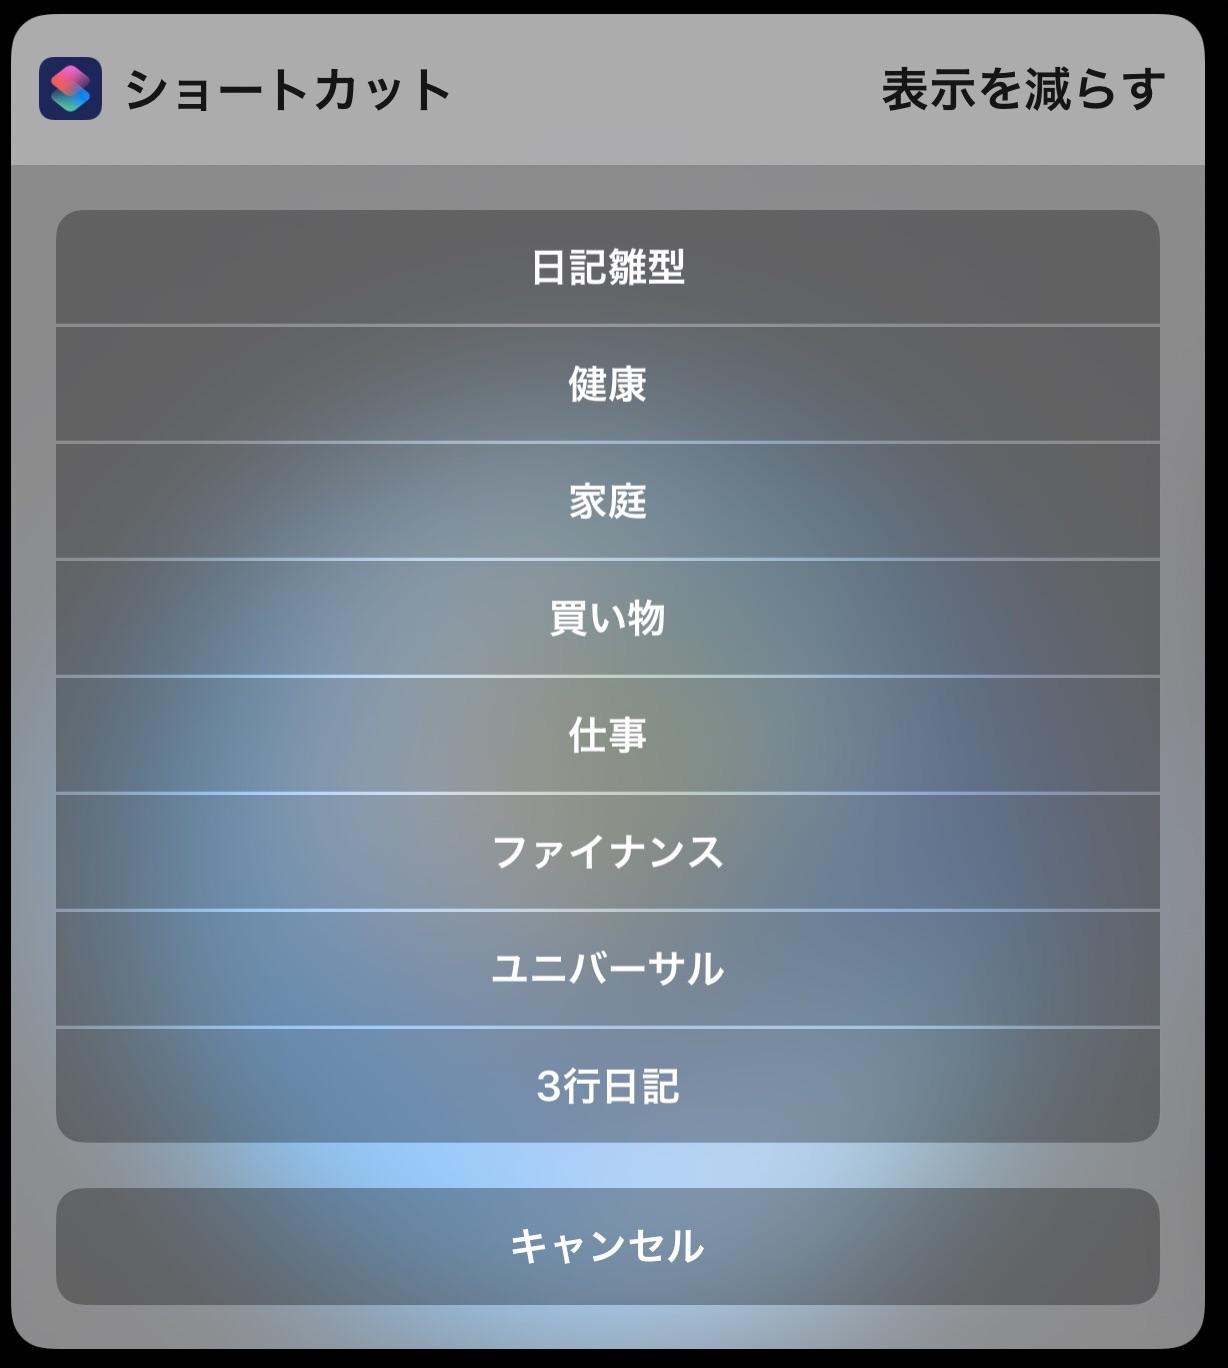 f:id:sorashima:20190614020440j:image:w311